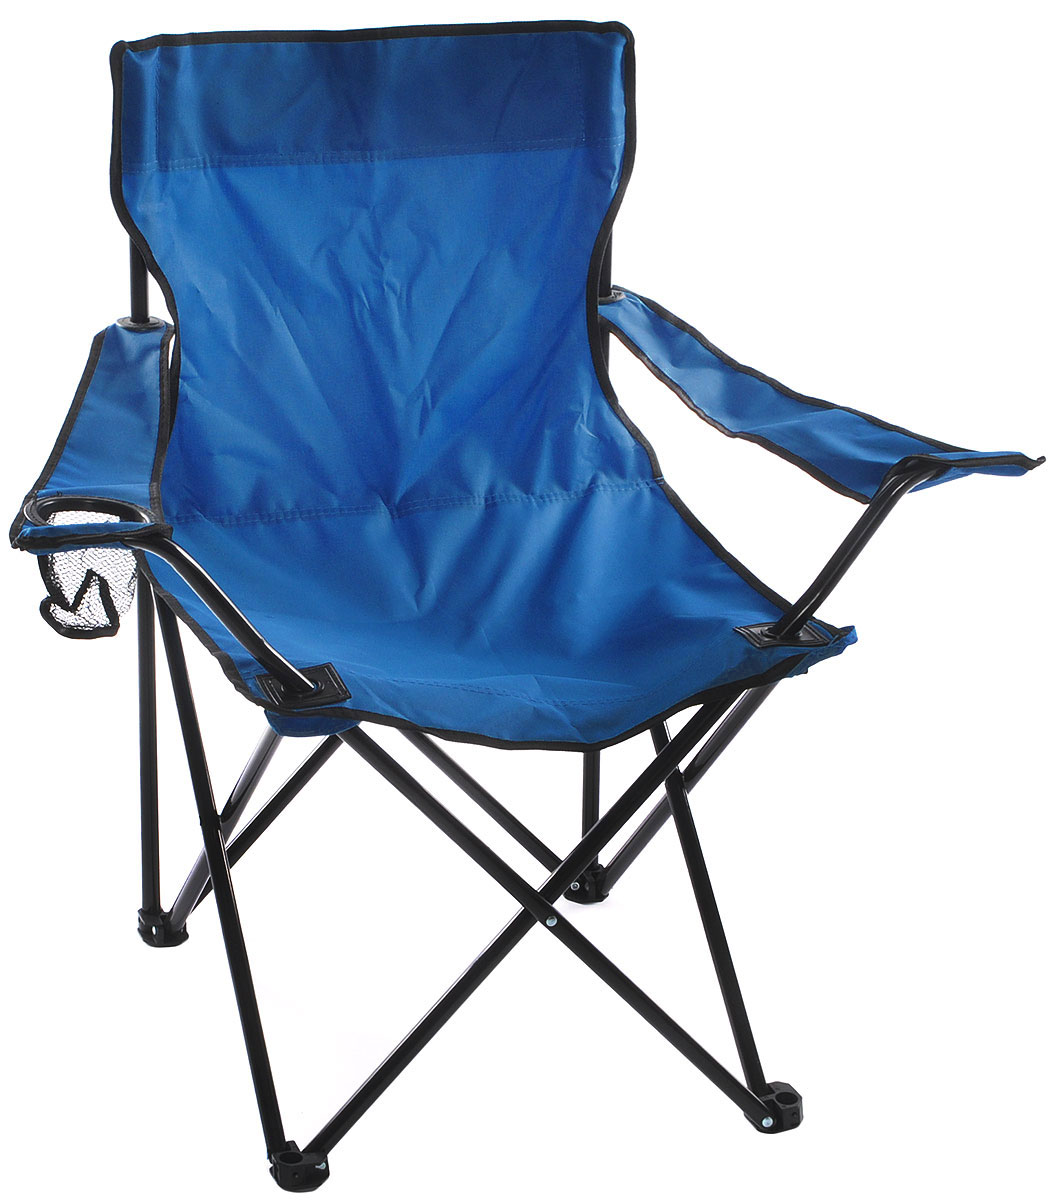 """На складном кресле """"Wildman"""" можно удобно расположиться в тени деревьев, отдохнуть в приятной прохладелетнего вечера.В использовании такое кресло достойно самых лучших похвал. Кресло выполнено из прочной ткани оксфорд, каркас стальной. Кресло оснащено удобными подлокотниками, в одном из них расположен подстаканник. В сложенном виде кресло удобно для хранения и переноски. В комплекте чехол для переноски и хранения."""